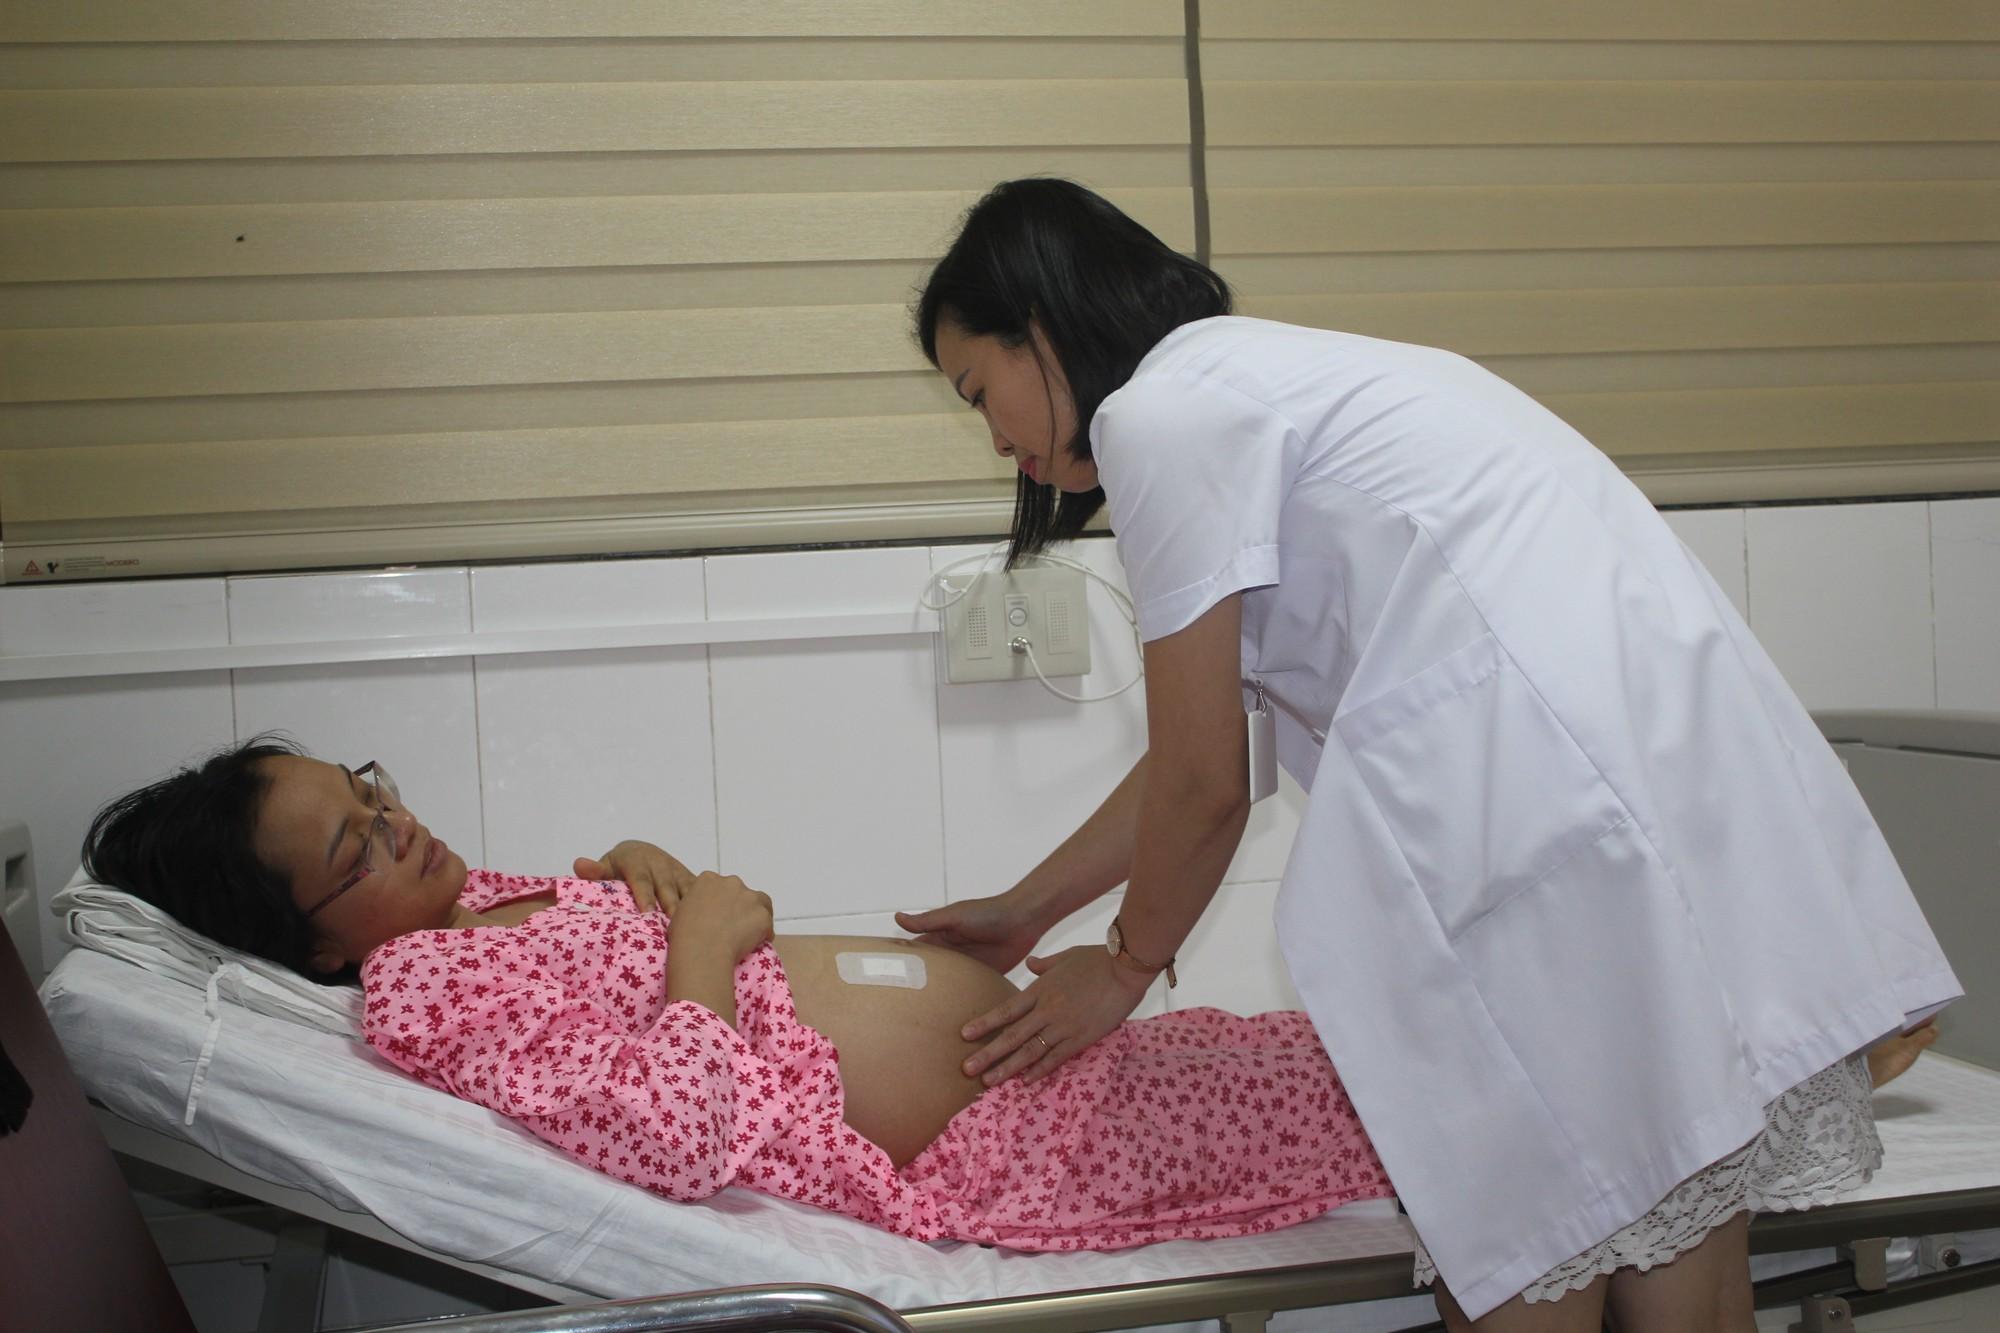 Lần đầu tiên Việt Nam chữa được bệnh cho thai nhi ngay trong buồng ối - Ảnh 1.